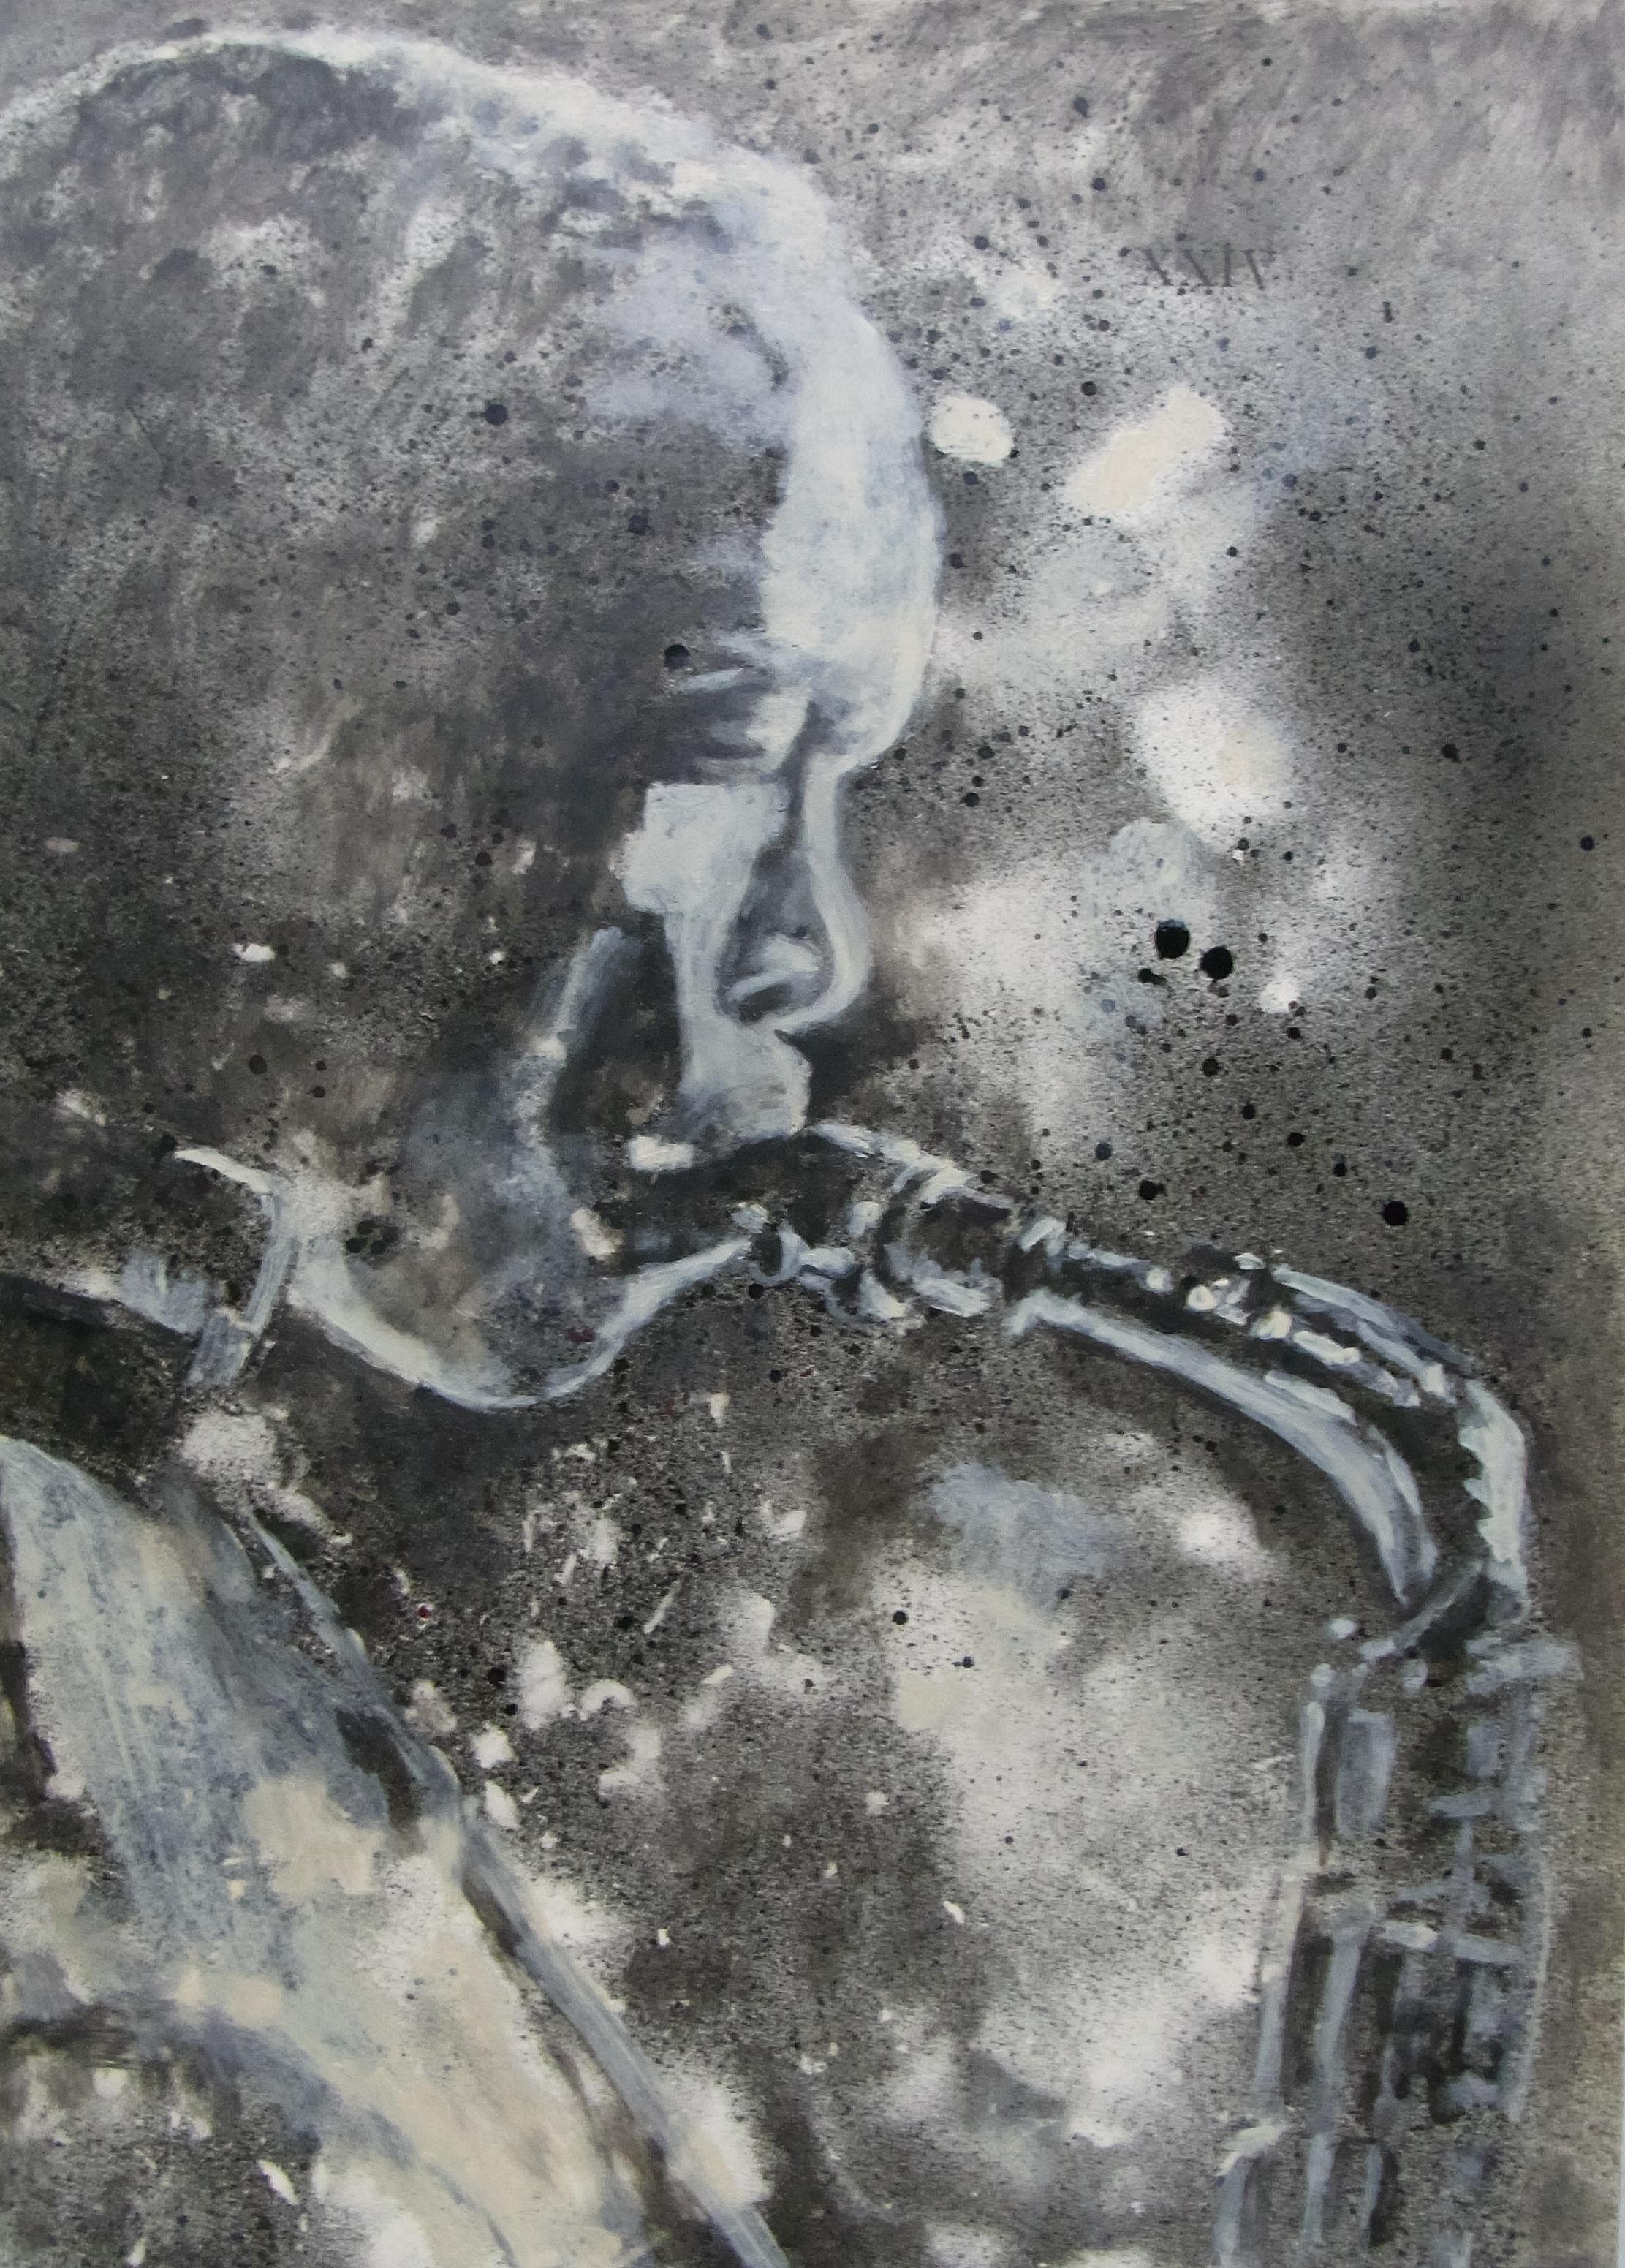 image-37